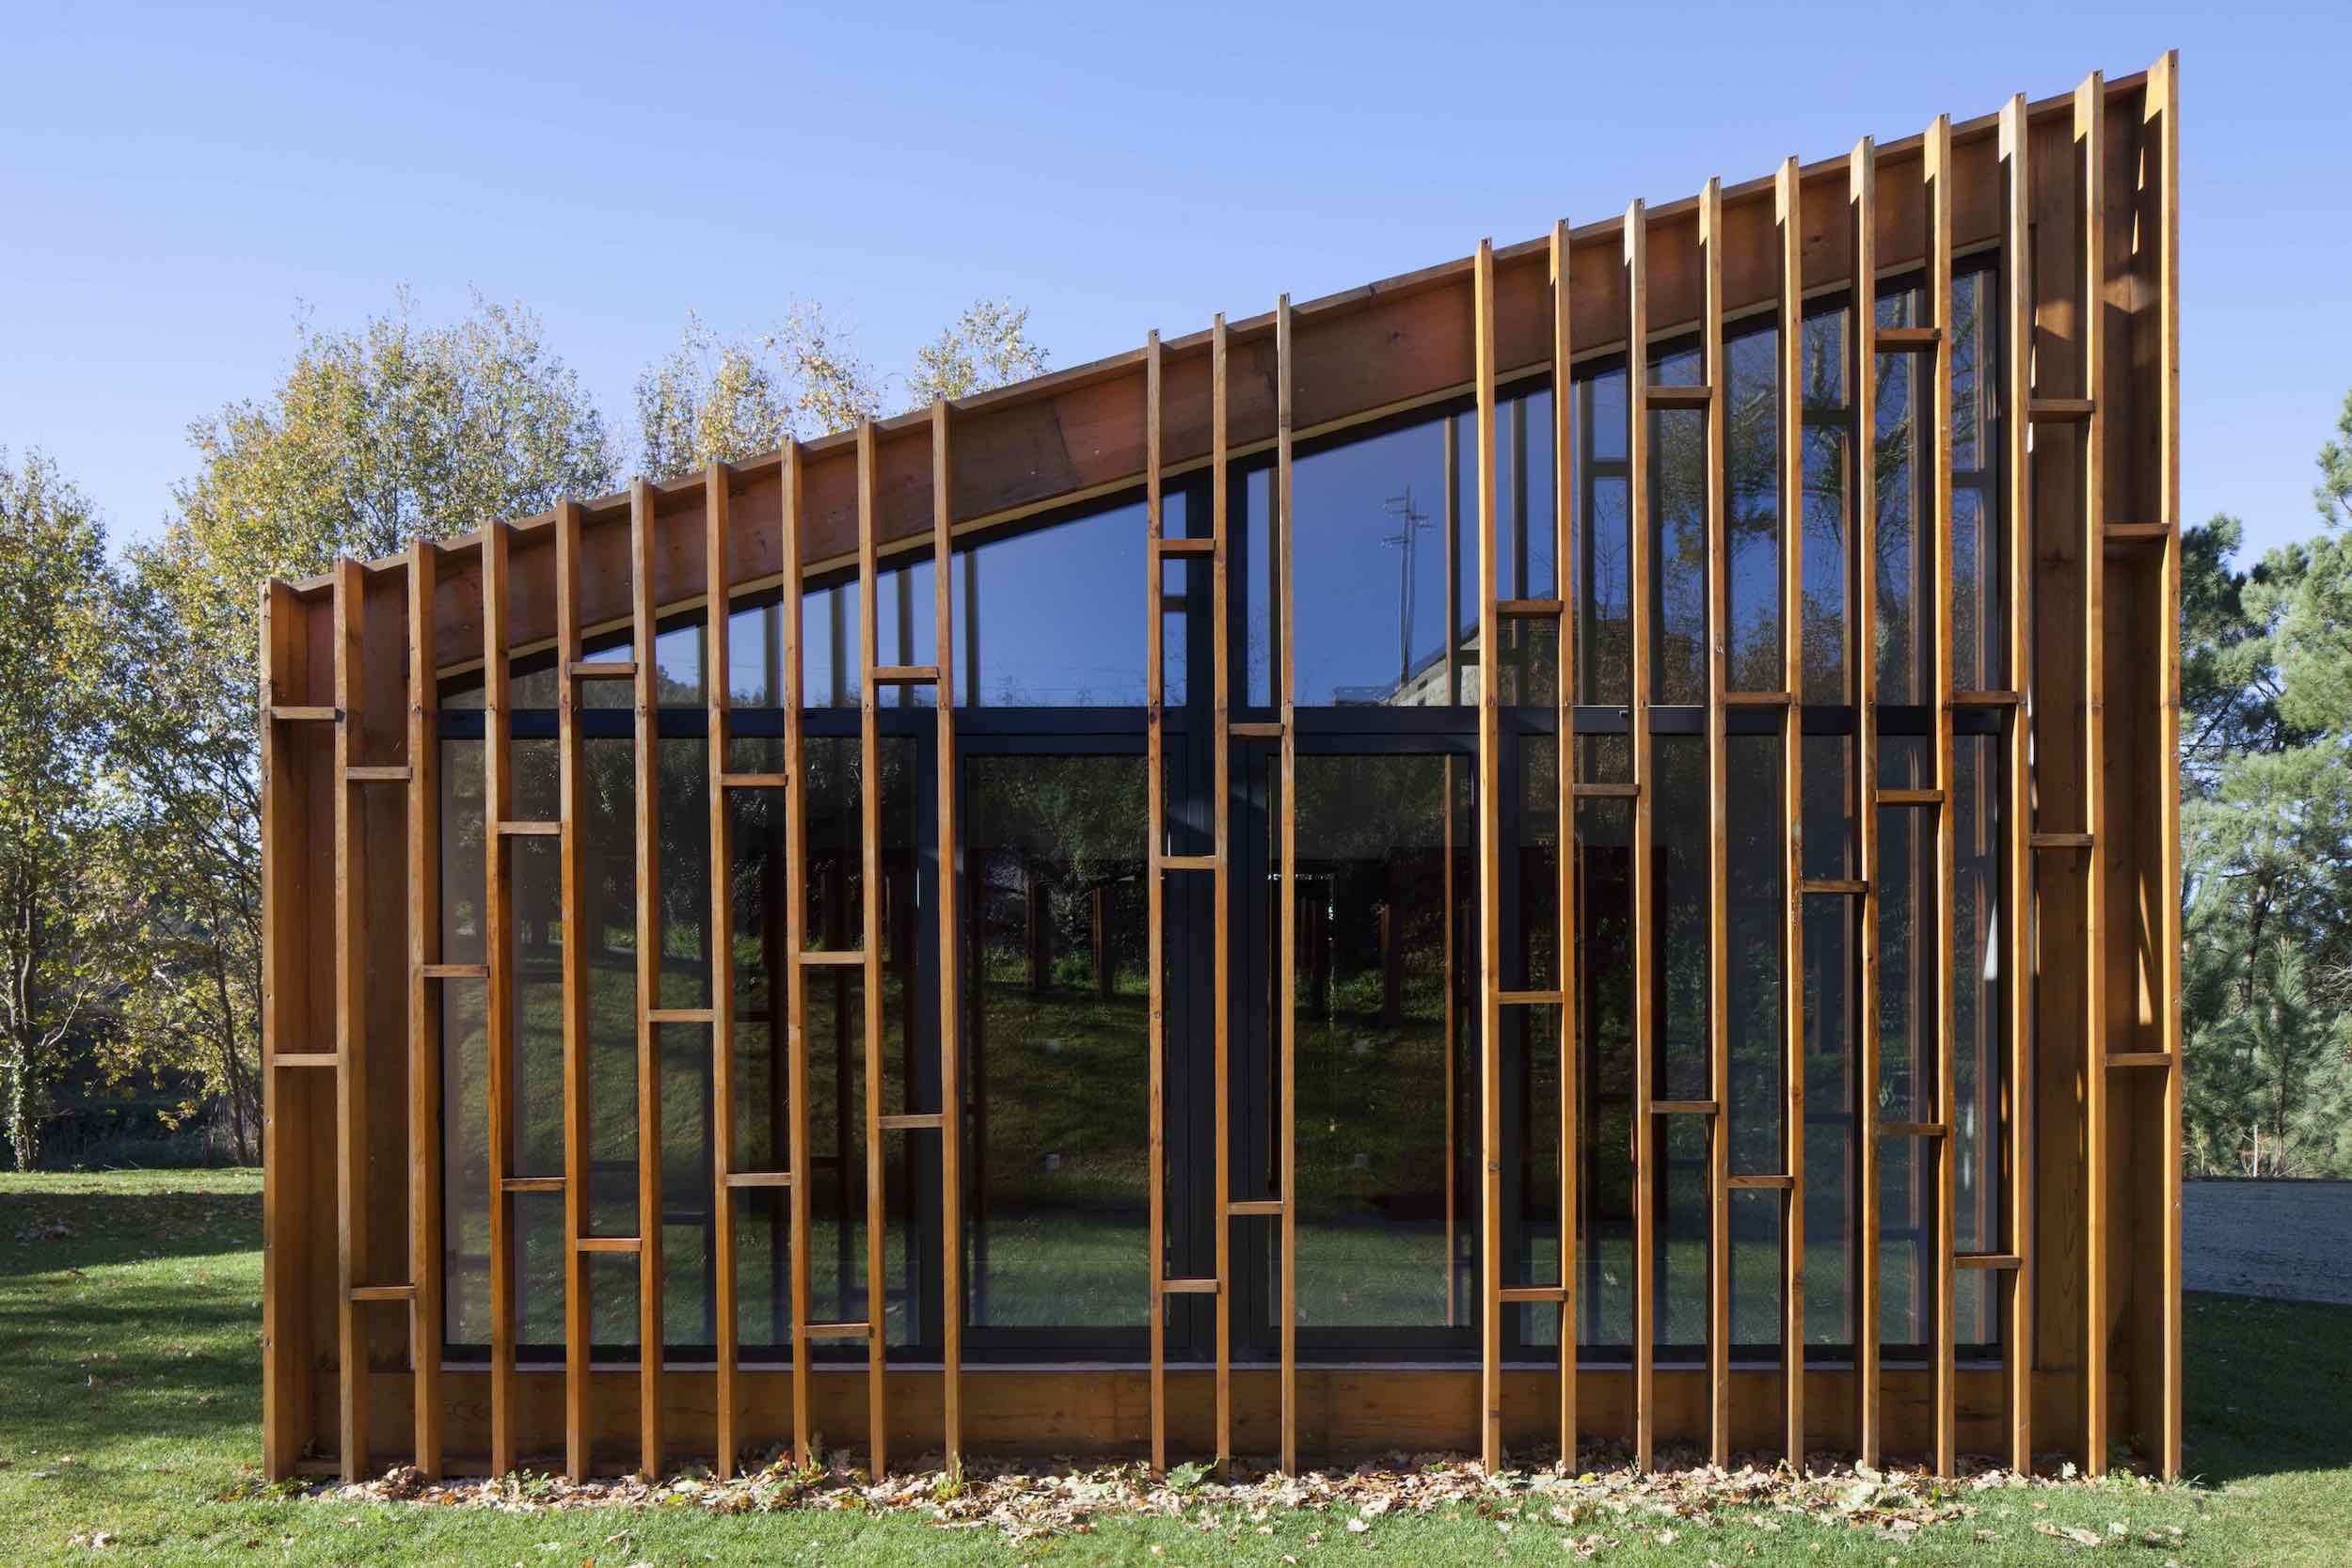 Arquitectos Portugueses vencem Prémio Internacional e vão expor em Singapura